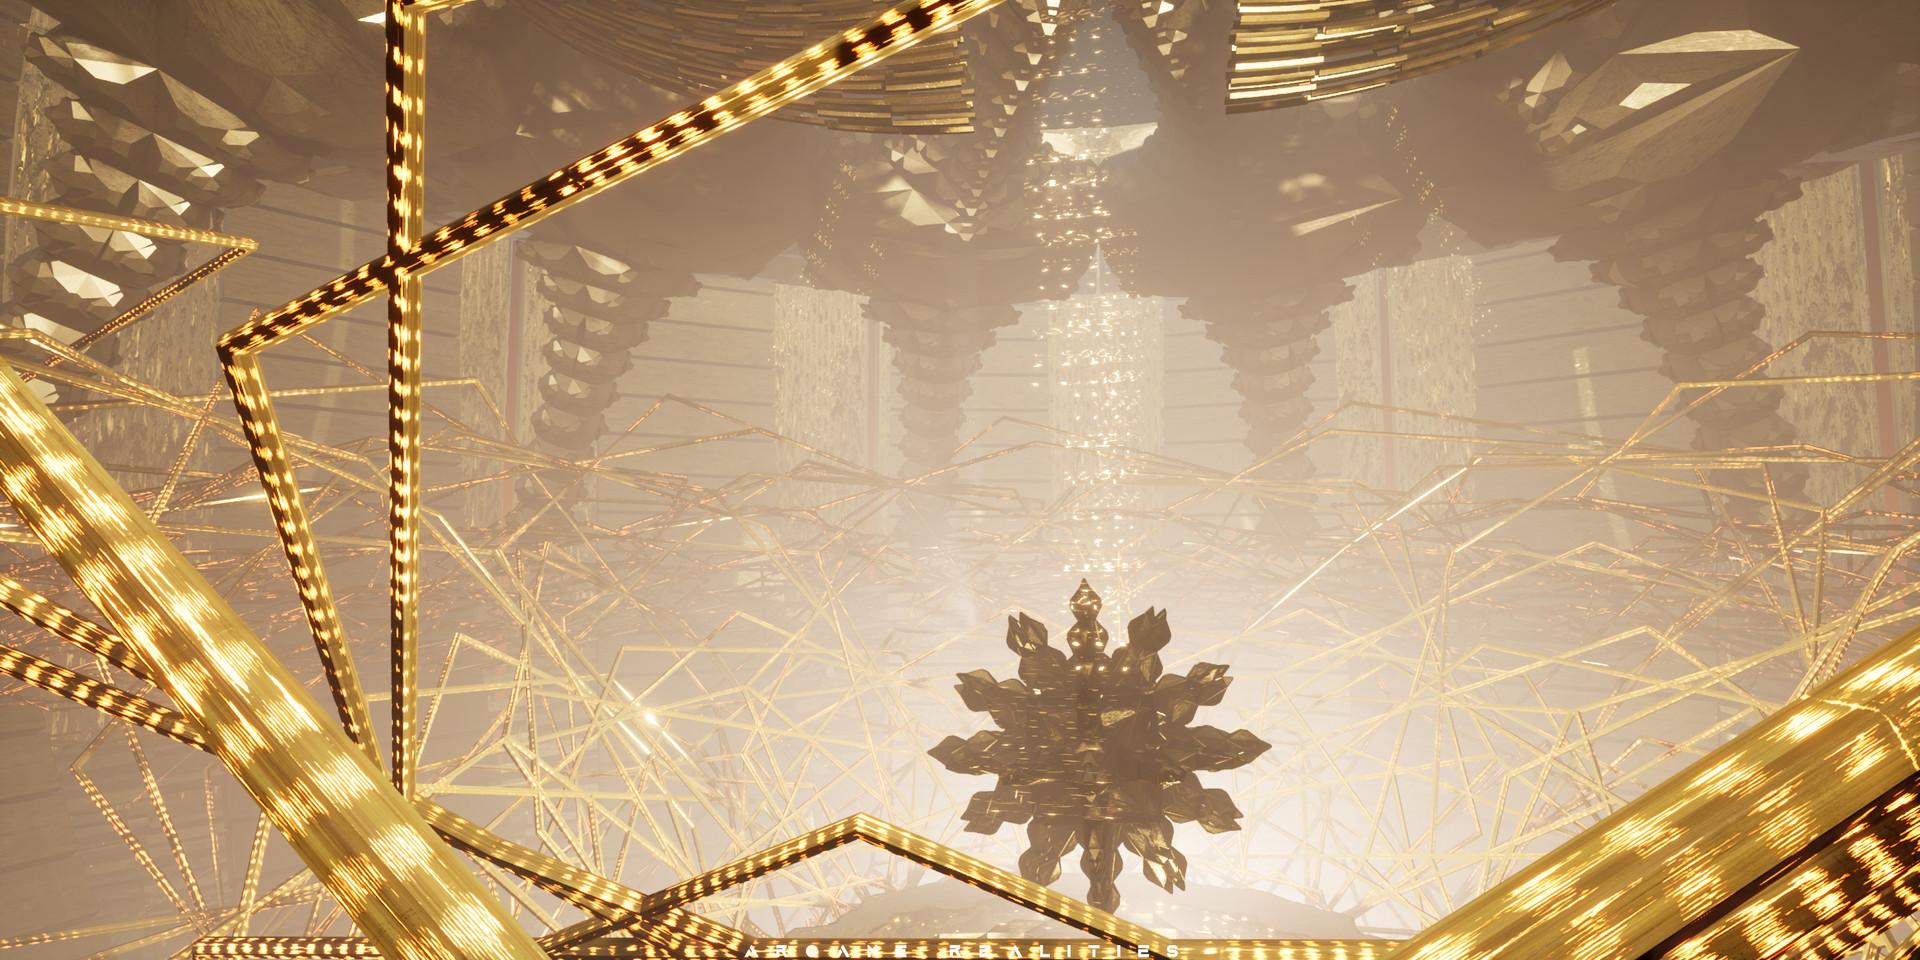 goldenfrac_022.jpg